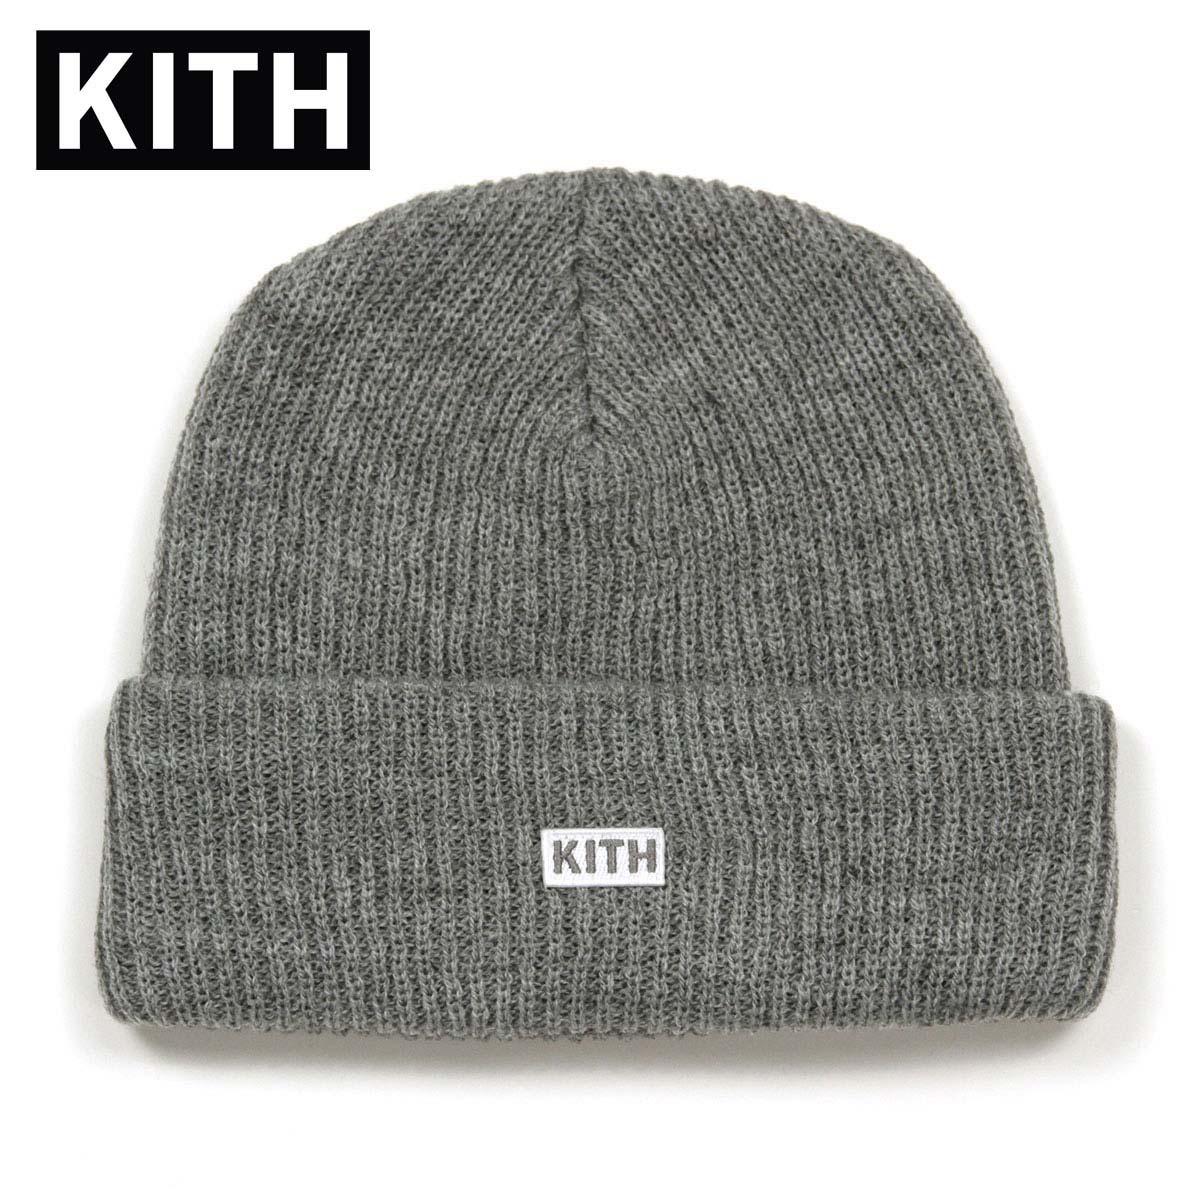 キス KITH 正規品 メンズ 帽子 ロゴビーニー ニット帽 KITH BOX LOGO KNIT BEANIE KH9091-103 GREY